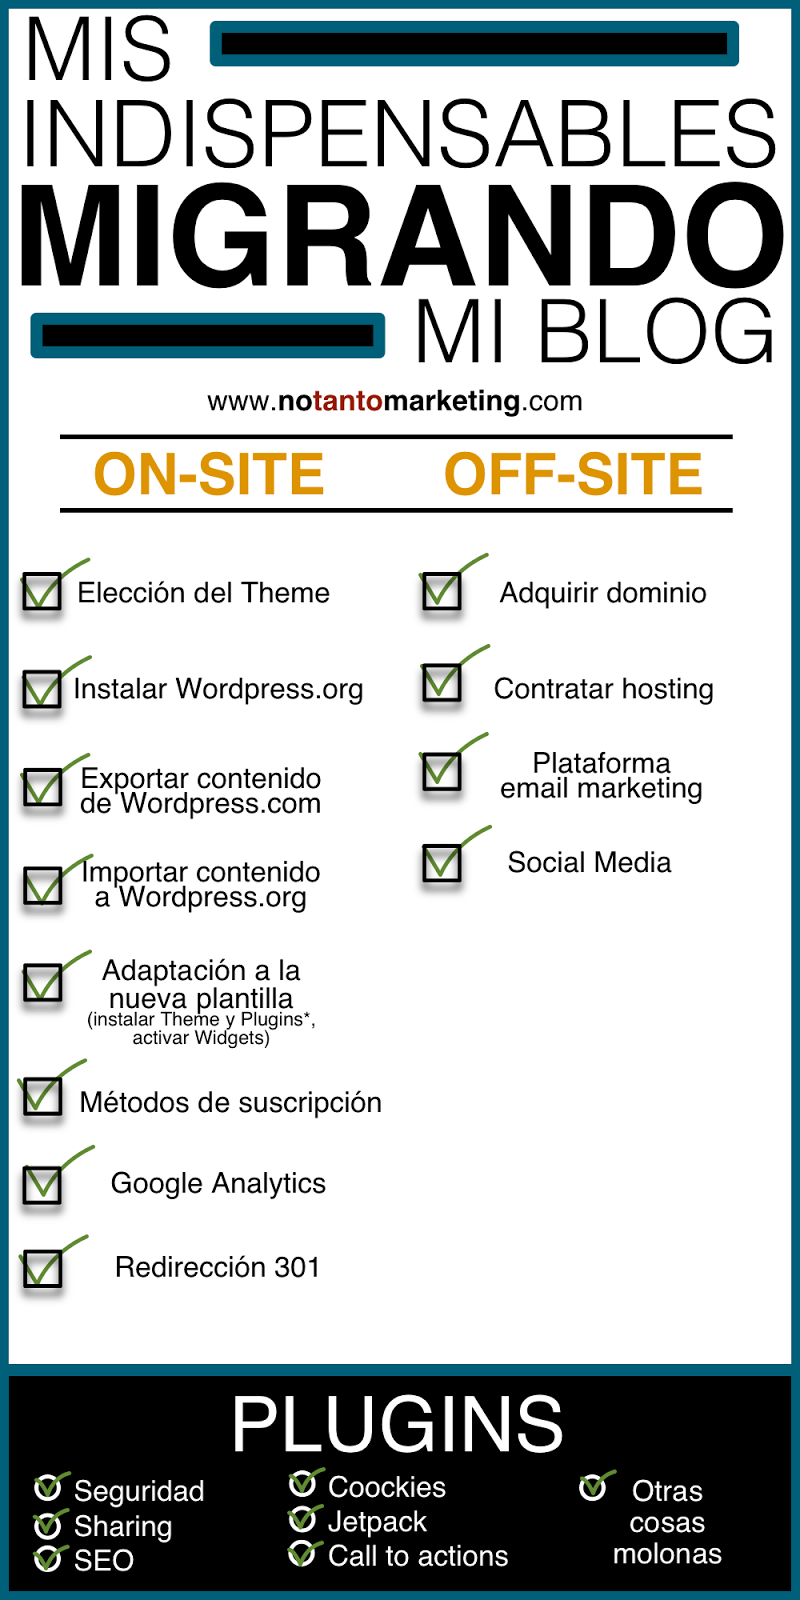 Notantomarketing.com - Migrando el blog